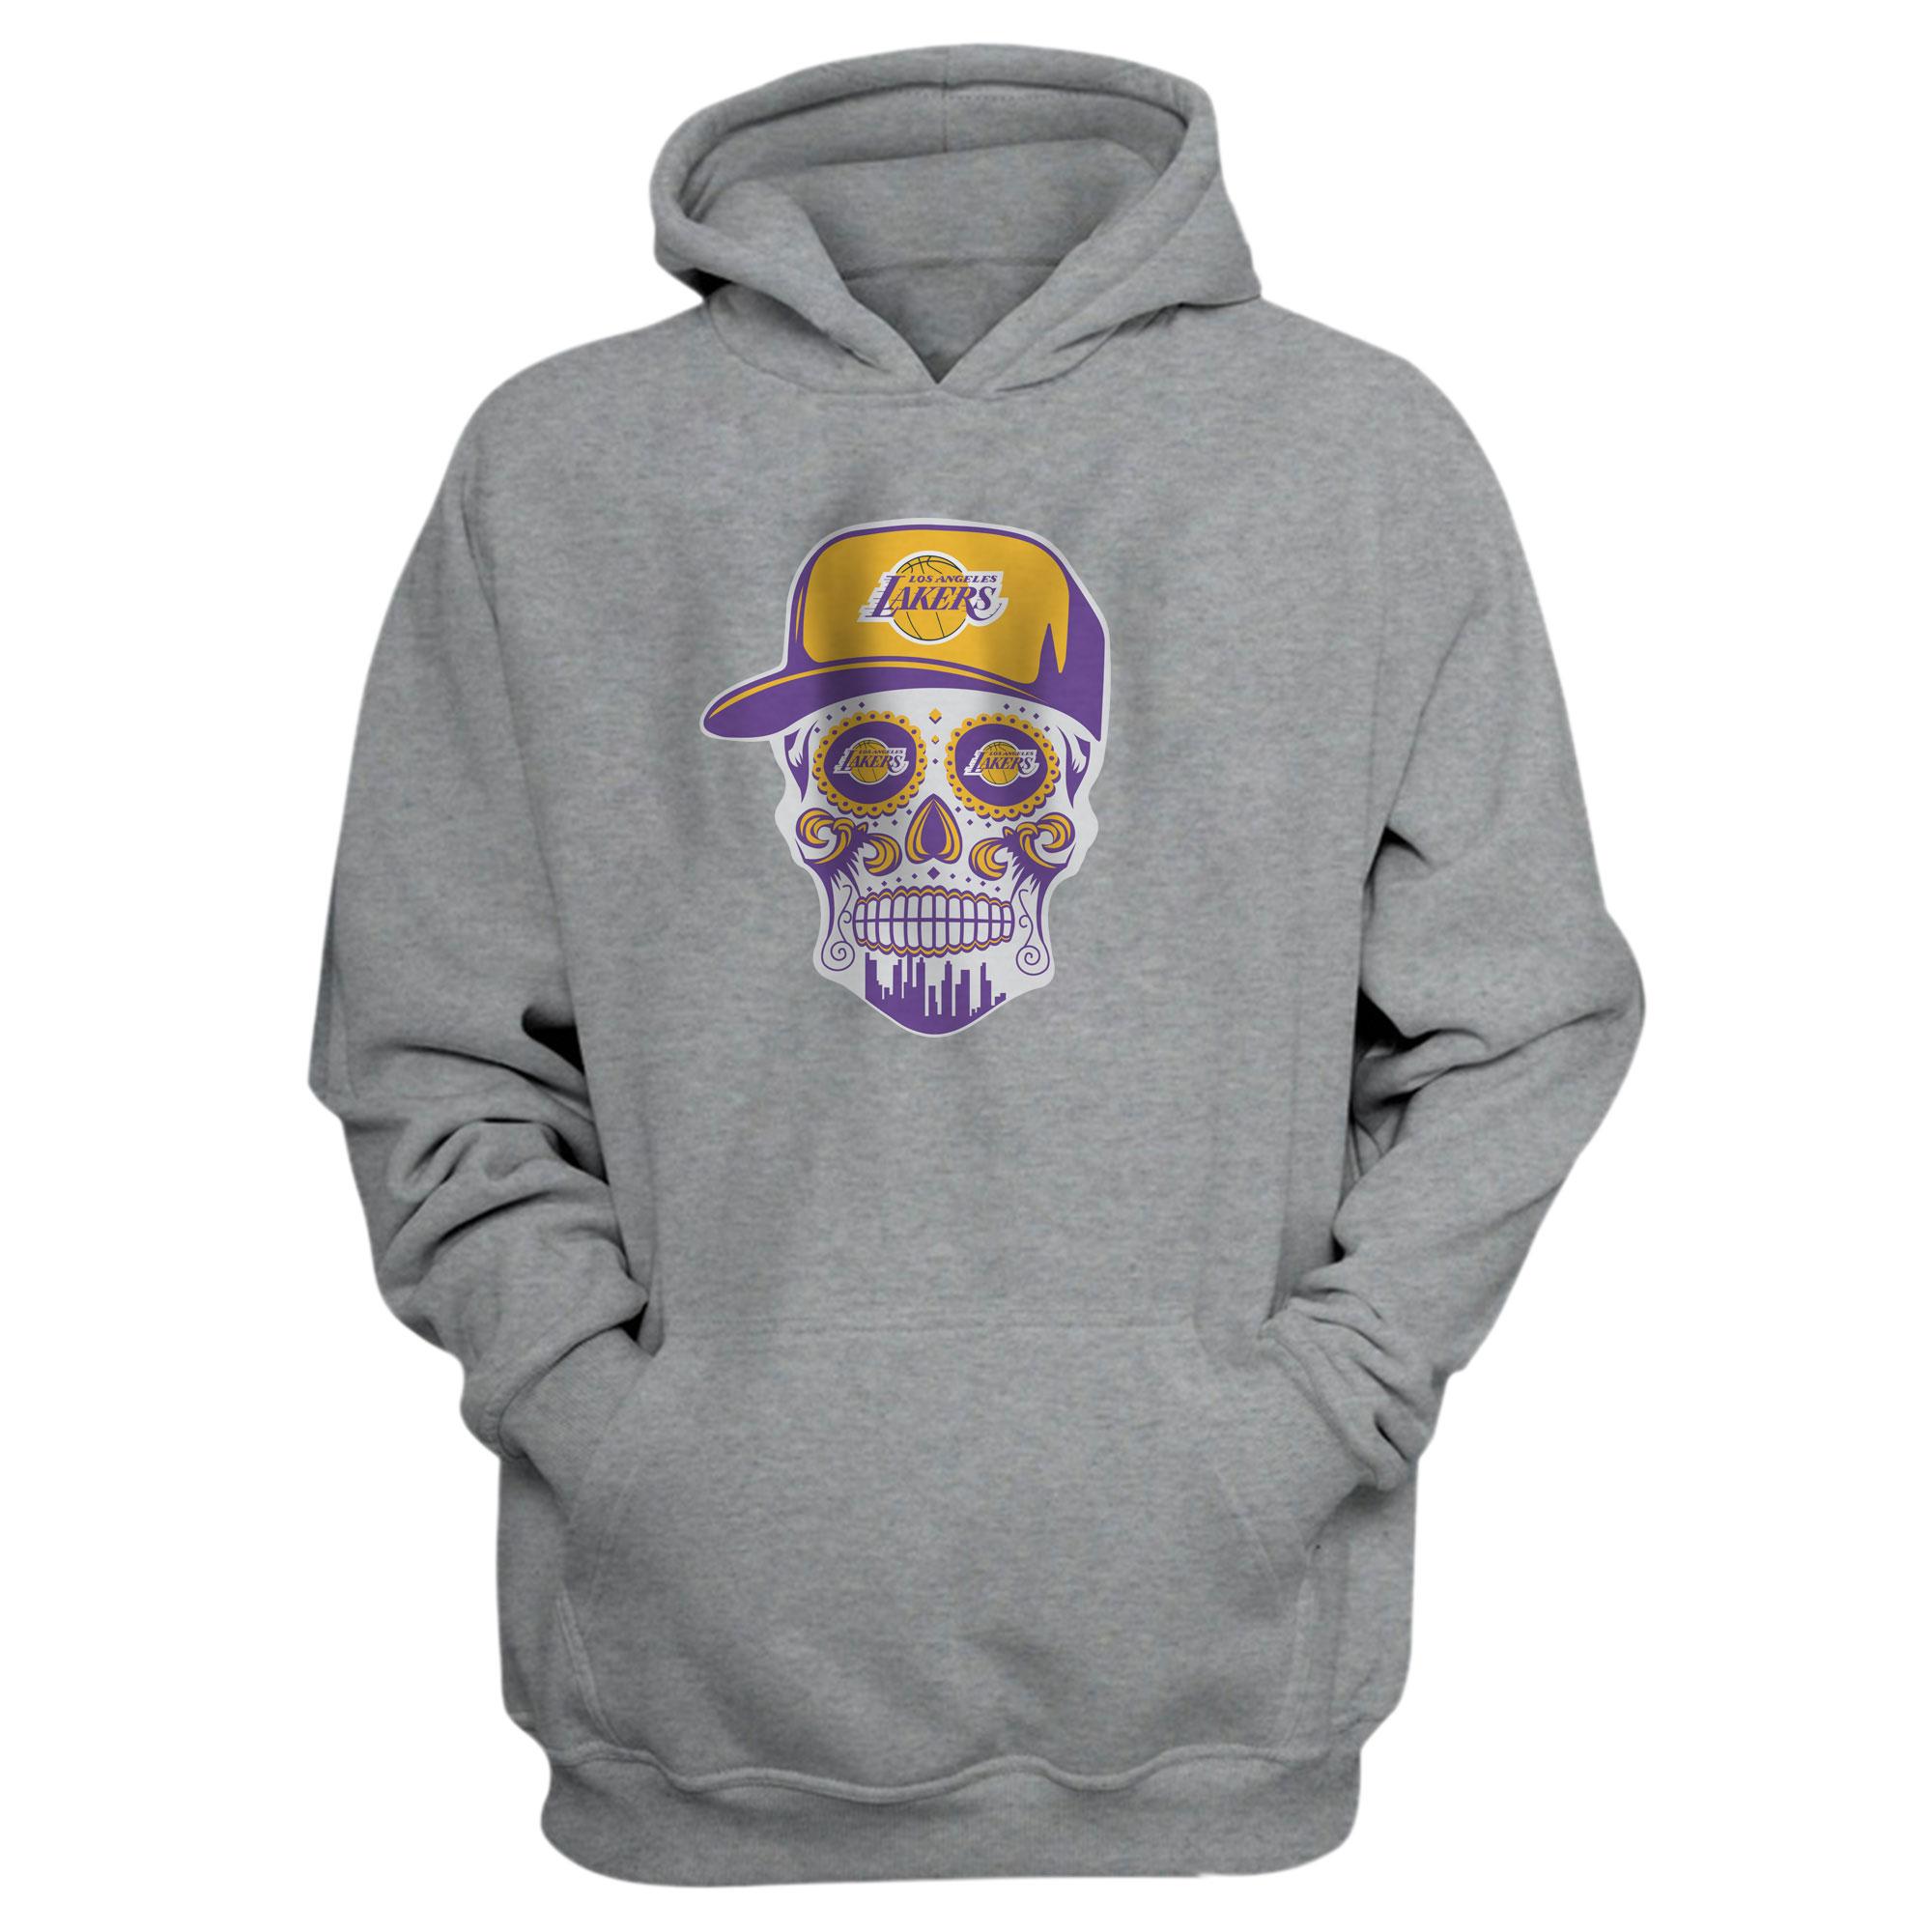 Lakers Skull Hoodie (HD-GRY-NP-454-NBA-LKRS-SKULL)